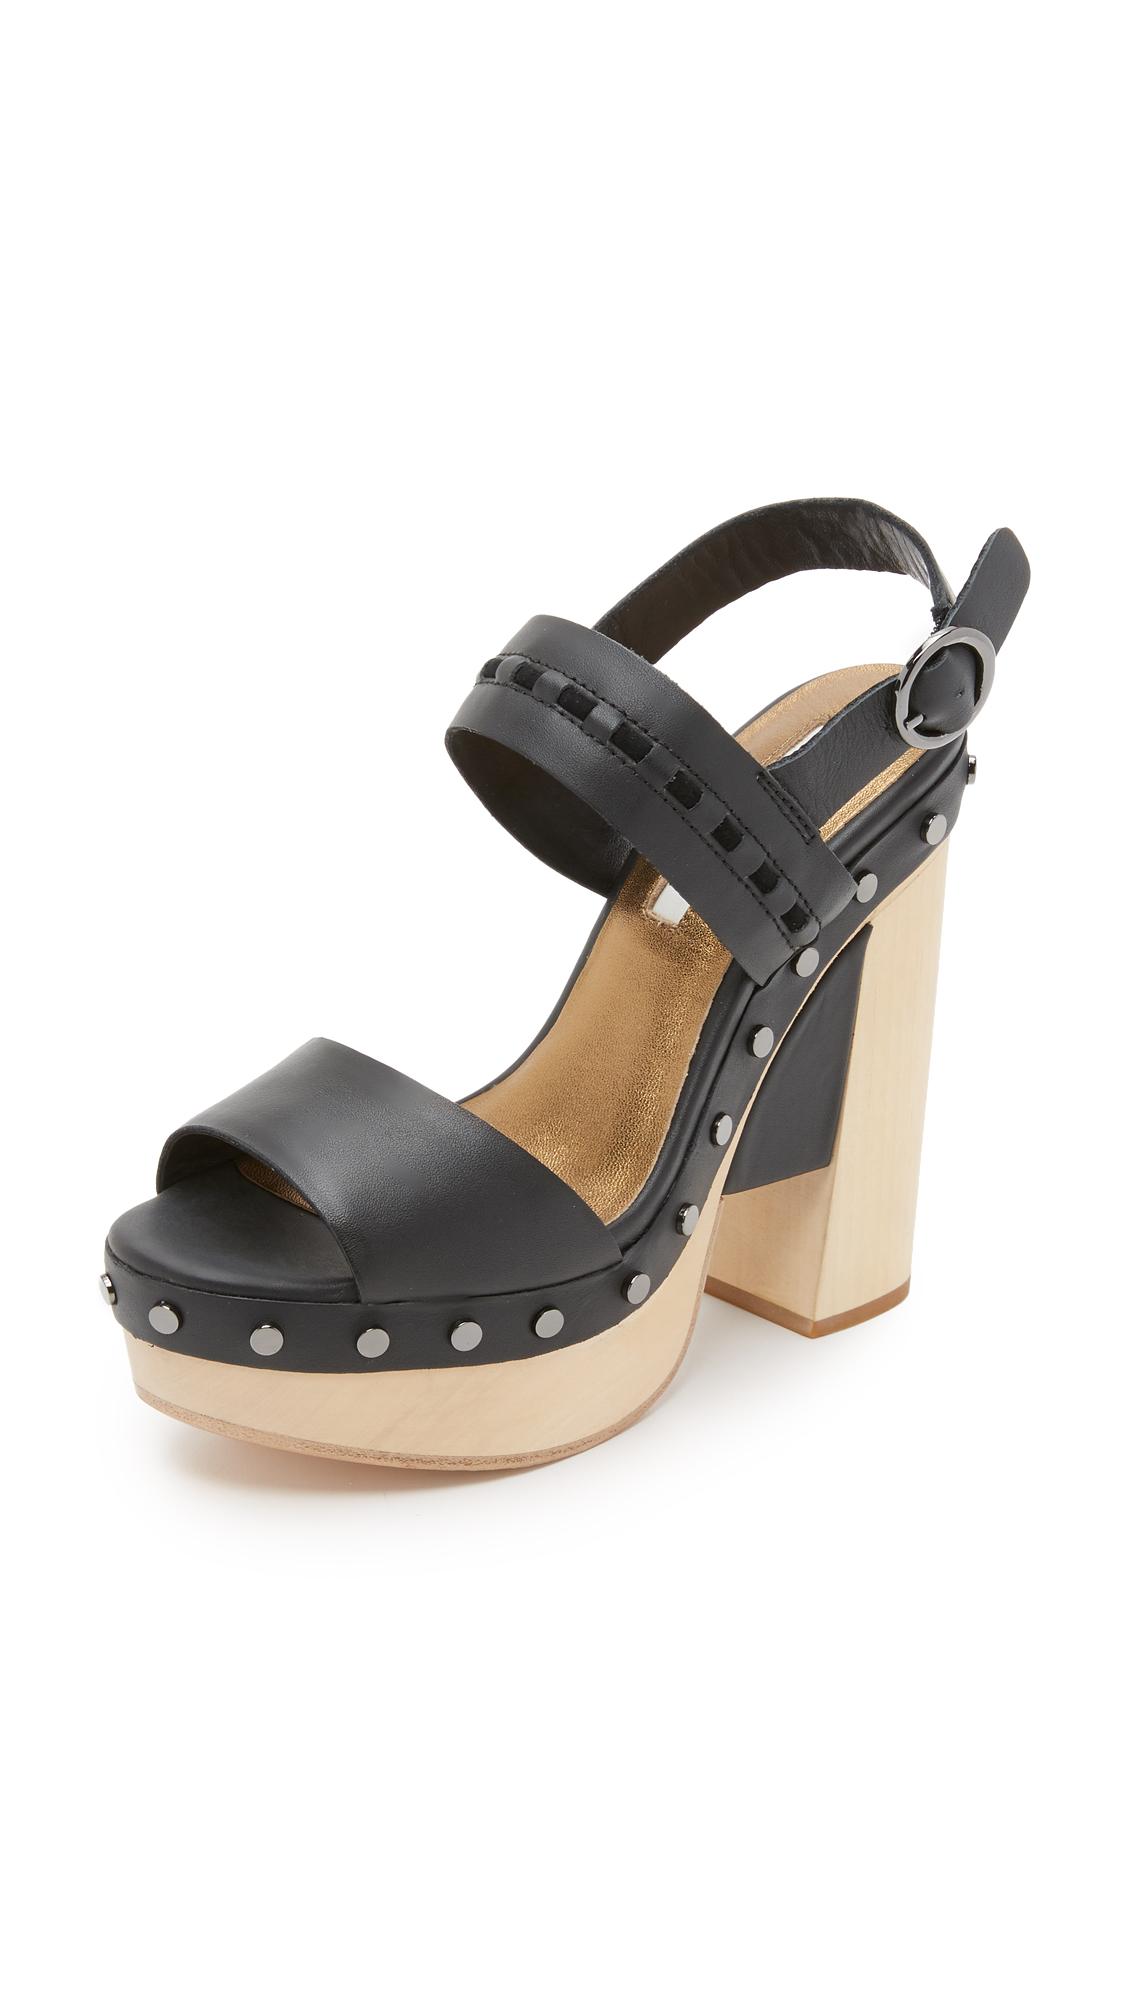 Cynthia Vincent Potent Clog Sandals - Black at Shopbop